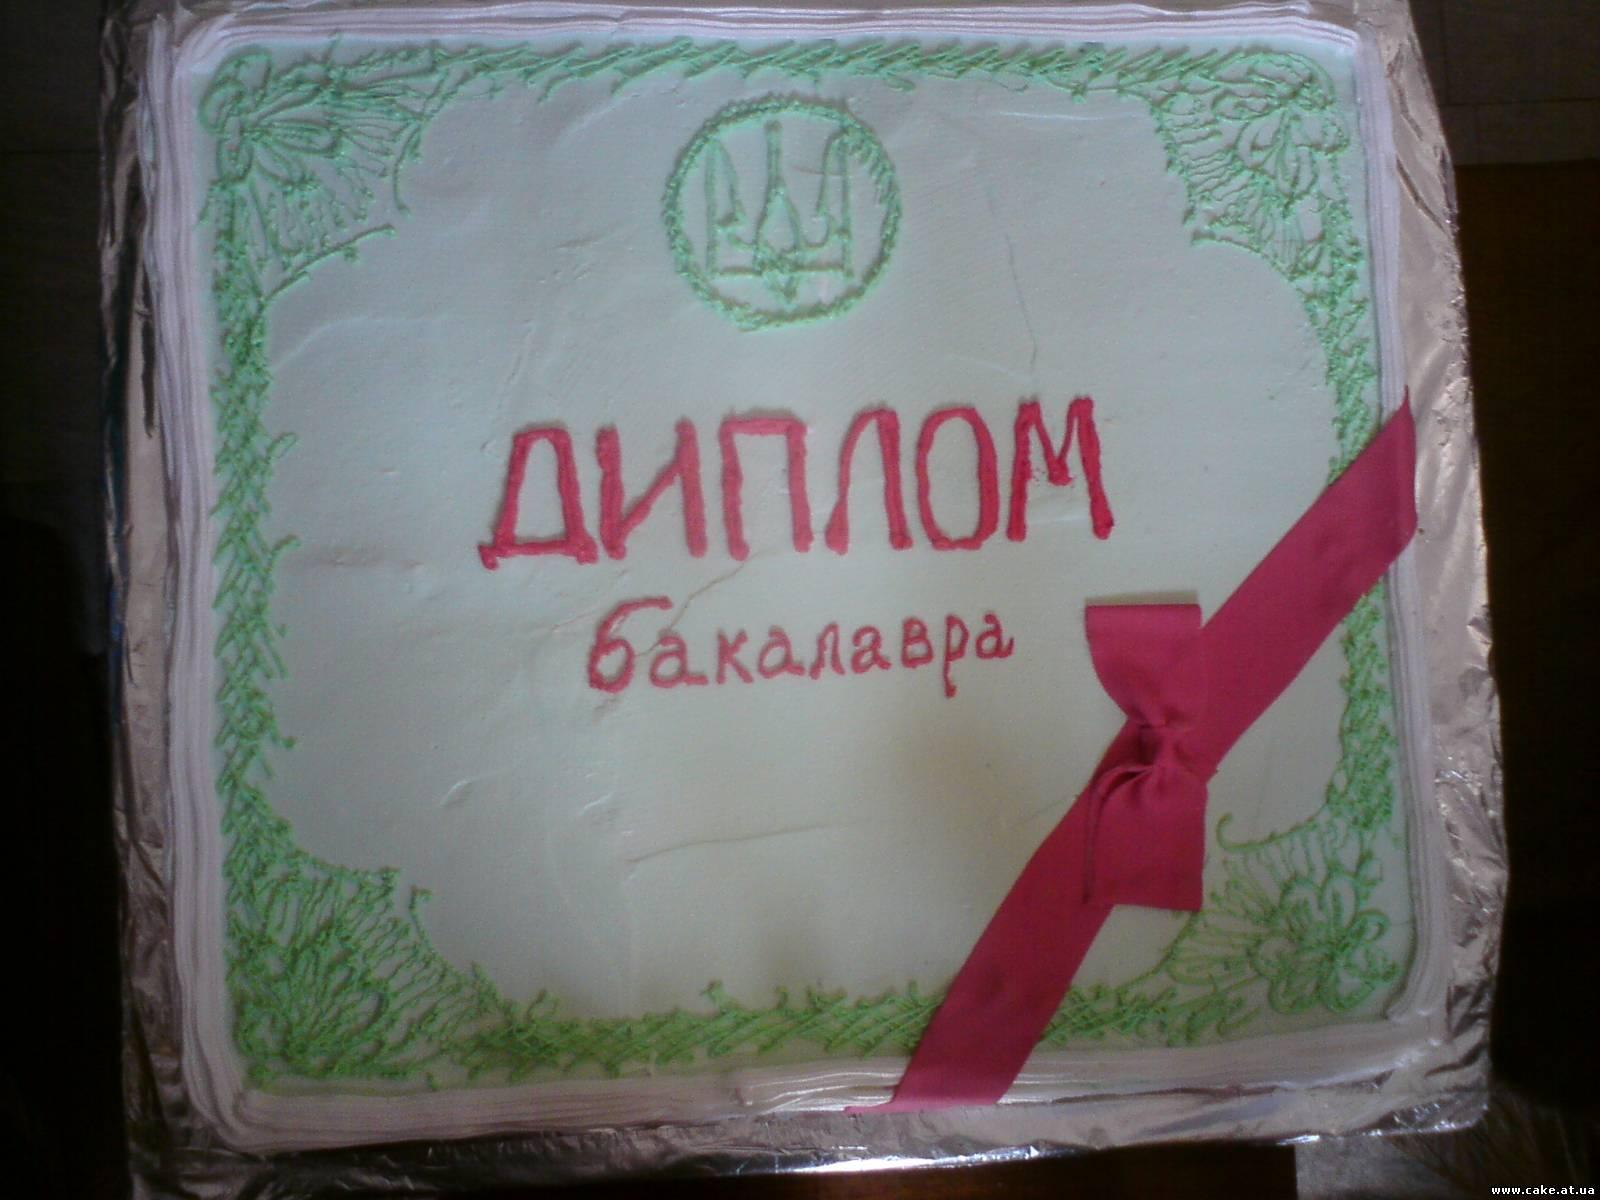 Поздравление с днем рождения открытка женщине знакомой